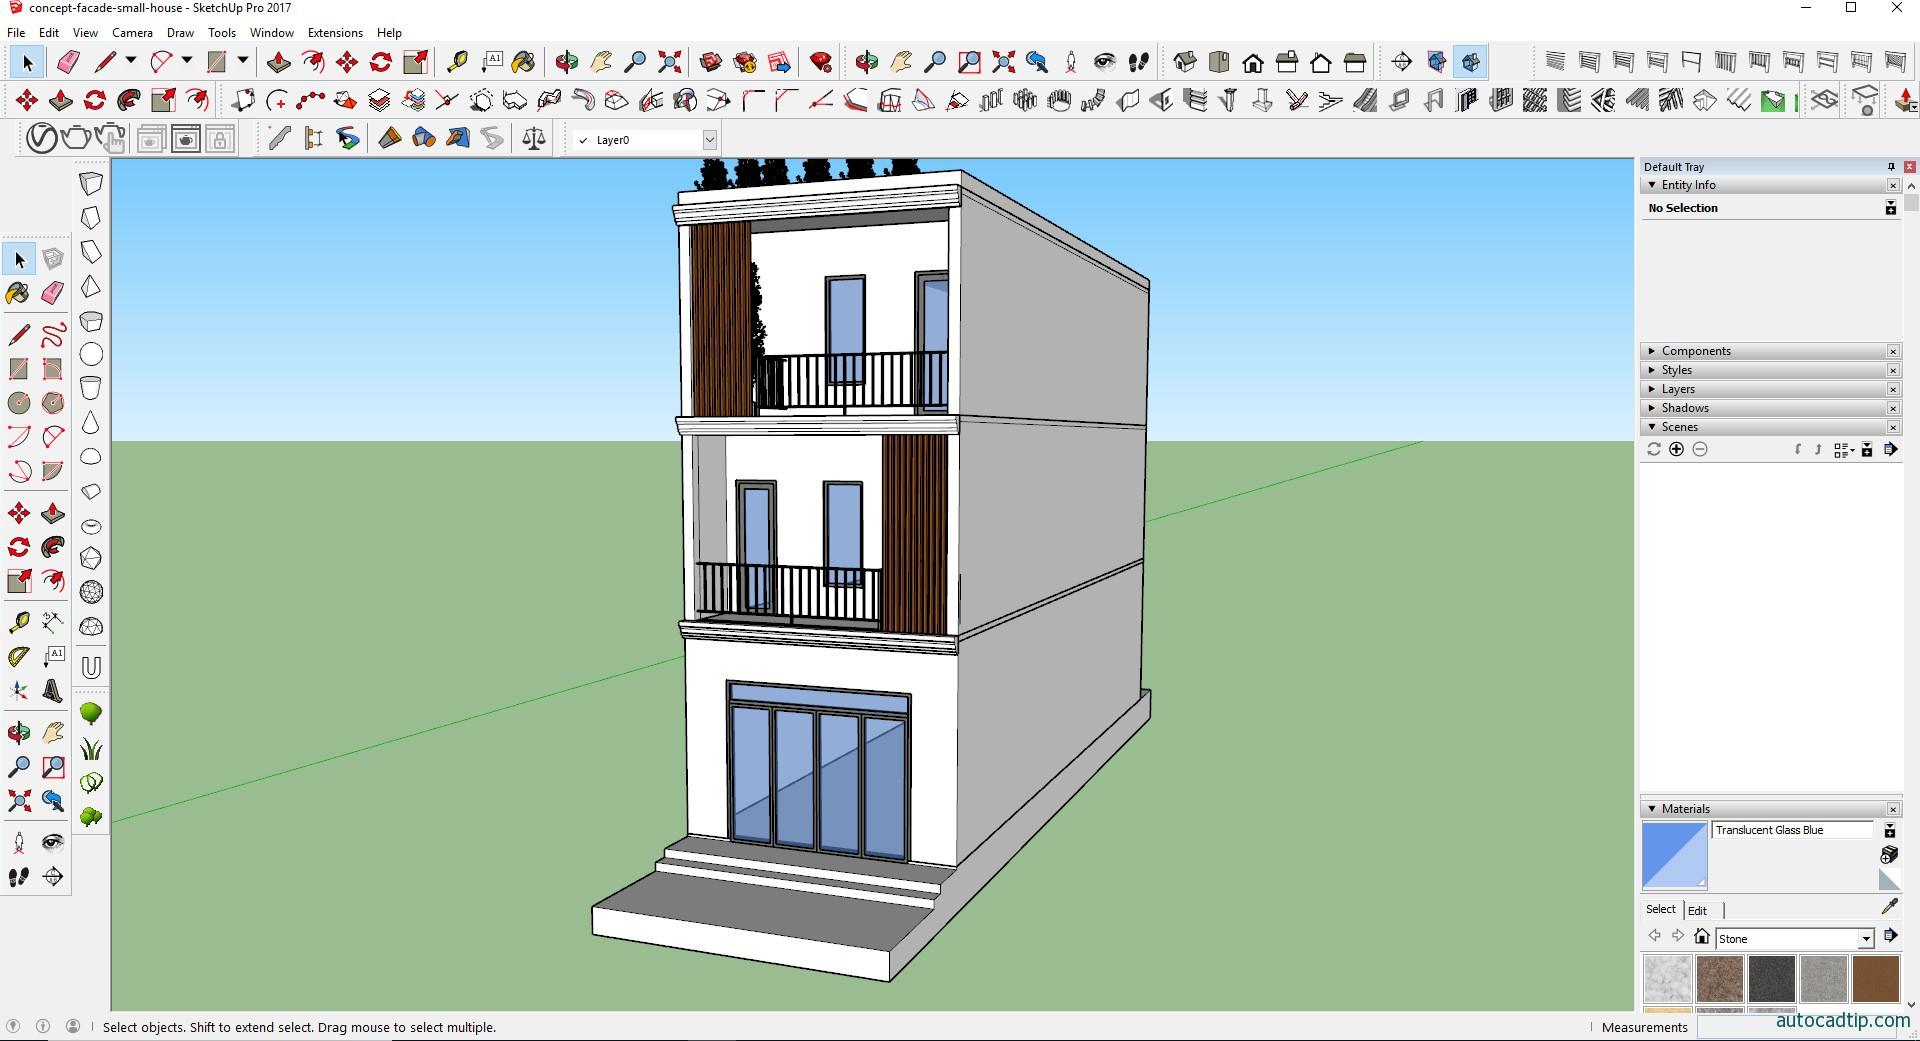 concept-facade-small-house